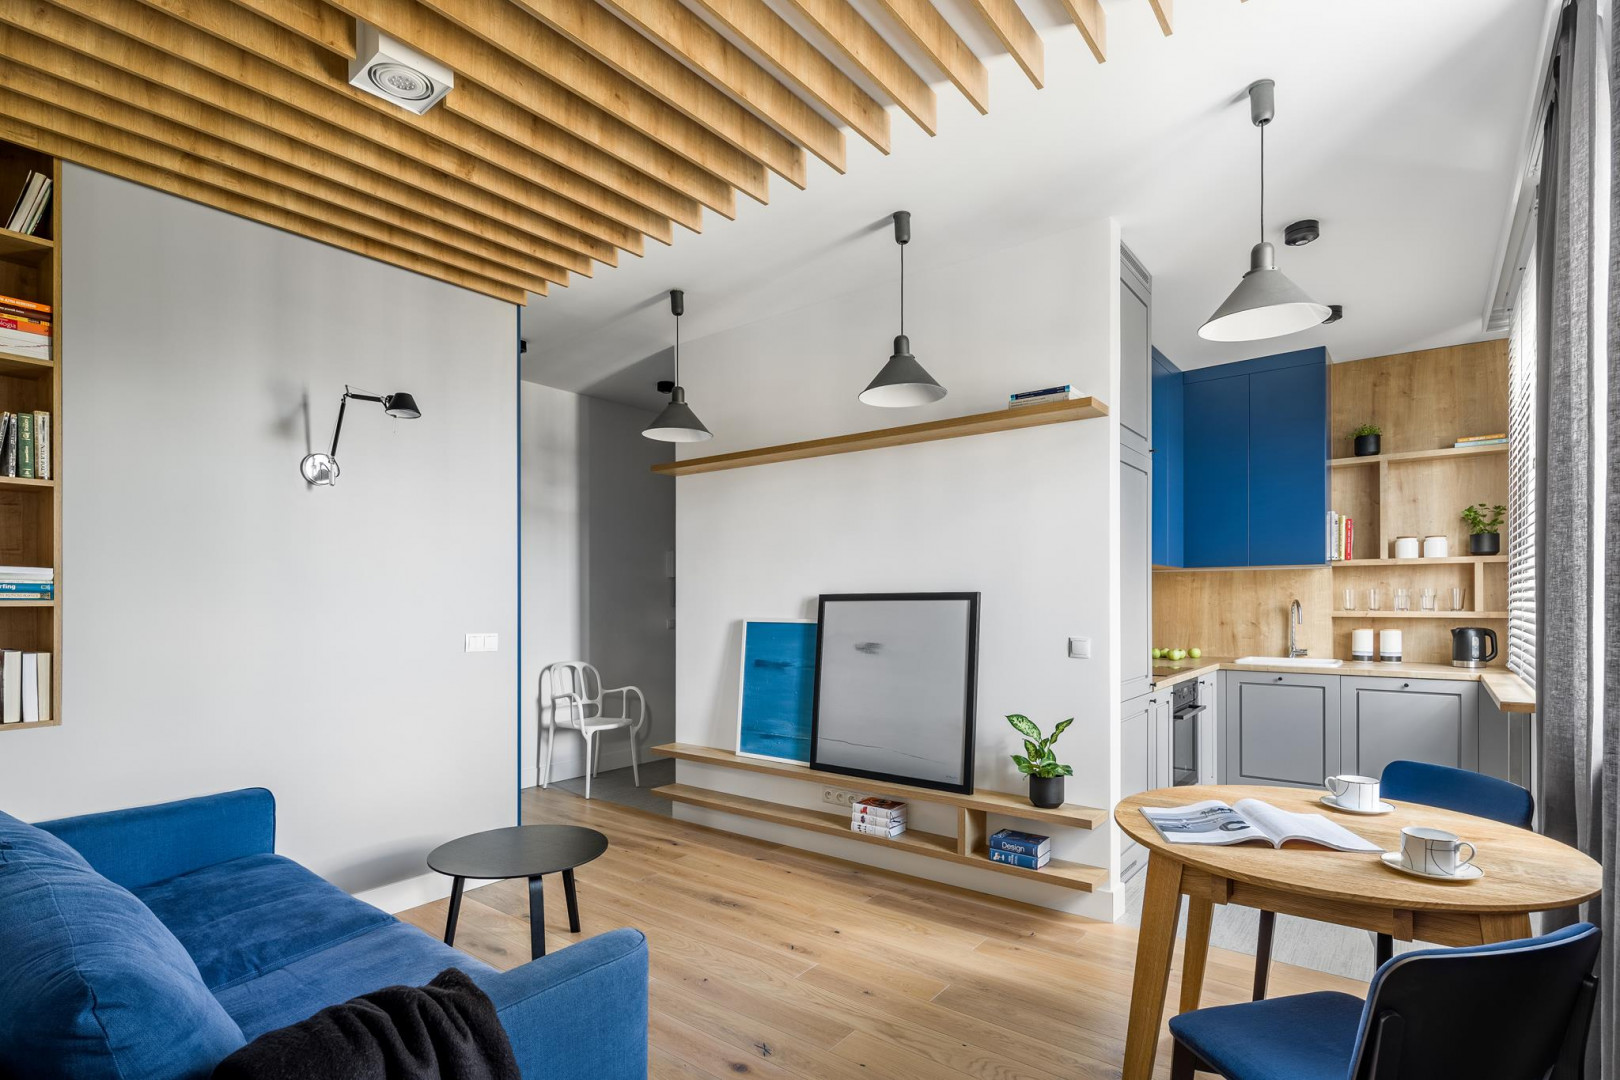 Obecny rozkład mieszkania o powierzchni 45 m² na warszawskim Żoliborzu różni się od tego pierwotnego. Pozostawiono tylko kominy i ze względu na przyłącza kuchnia i łazienka zostały w pierwotnych miejscach, ale w innej formie. Projekt: 3XEL Architekci. Fot. Dariusz Jarząbek